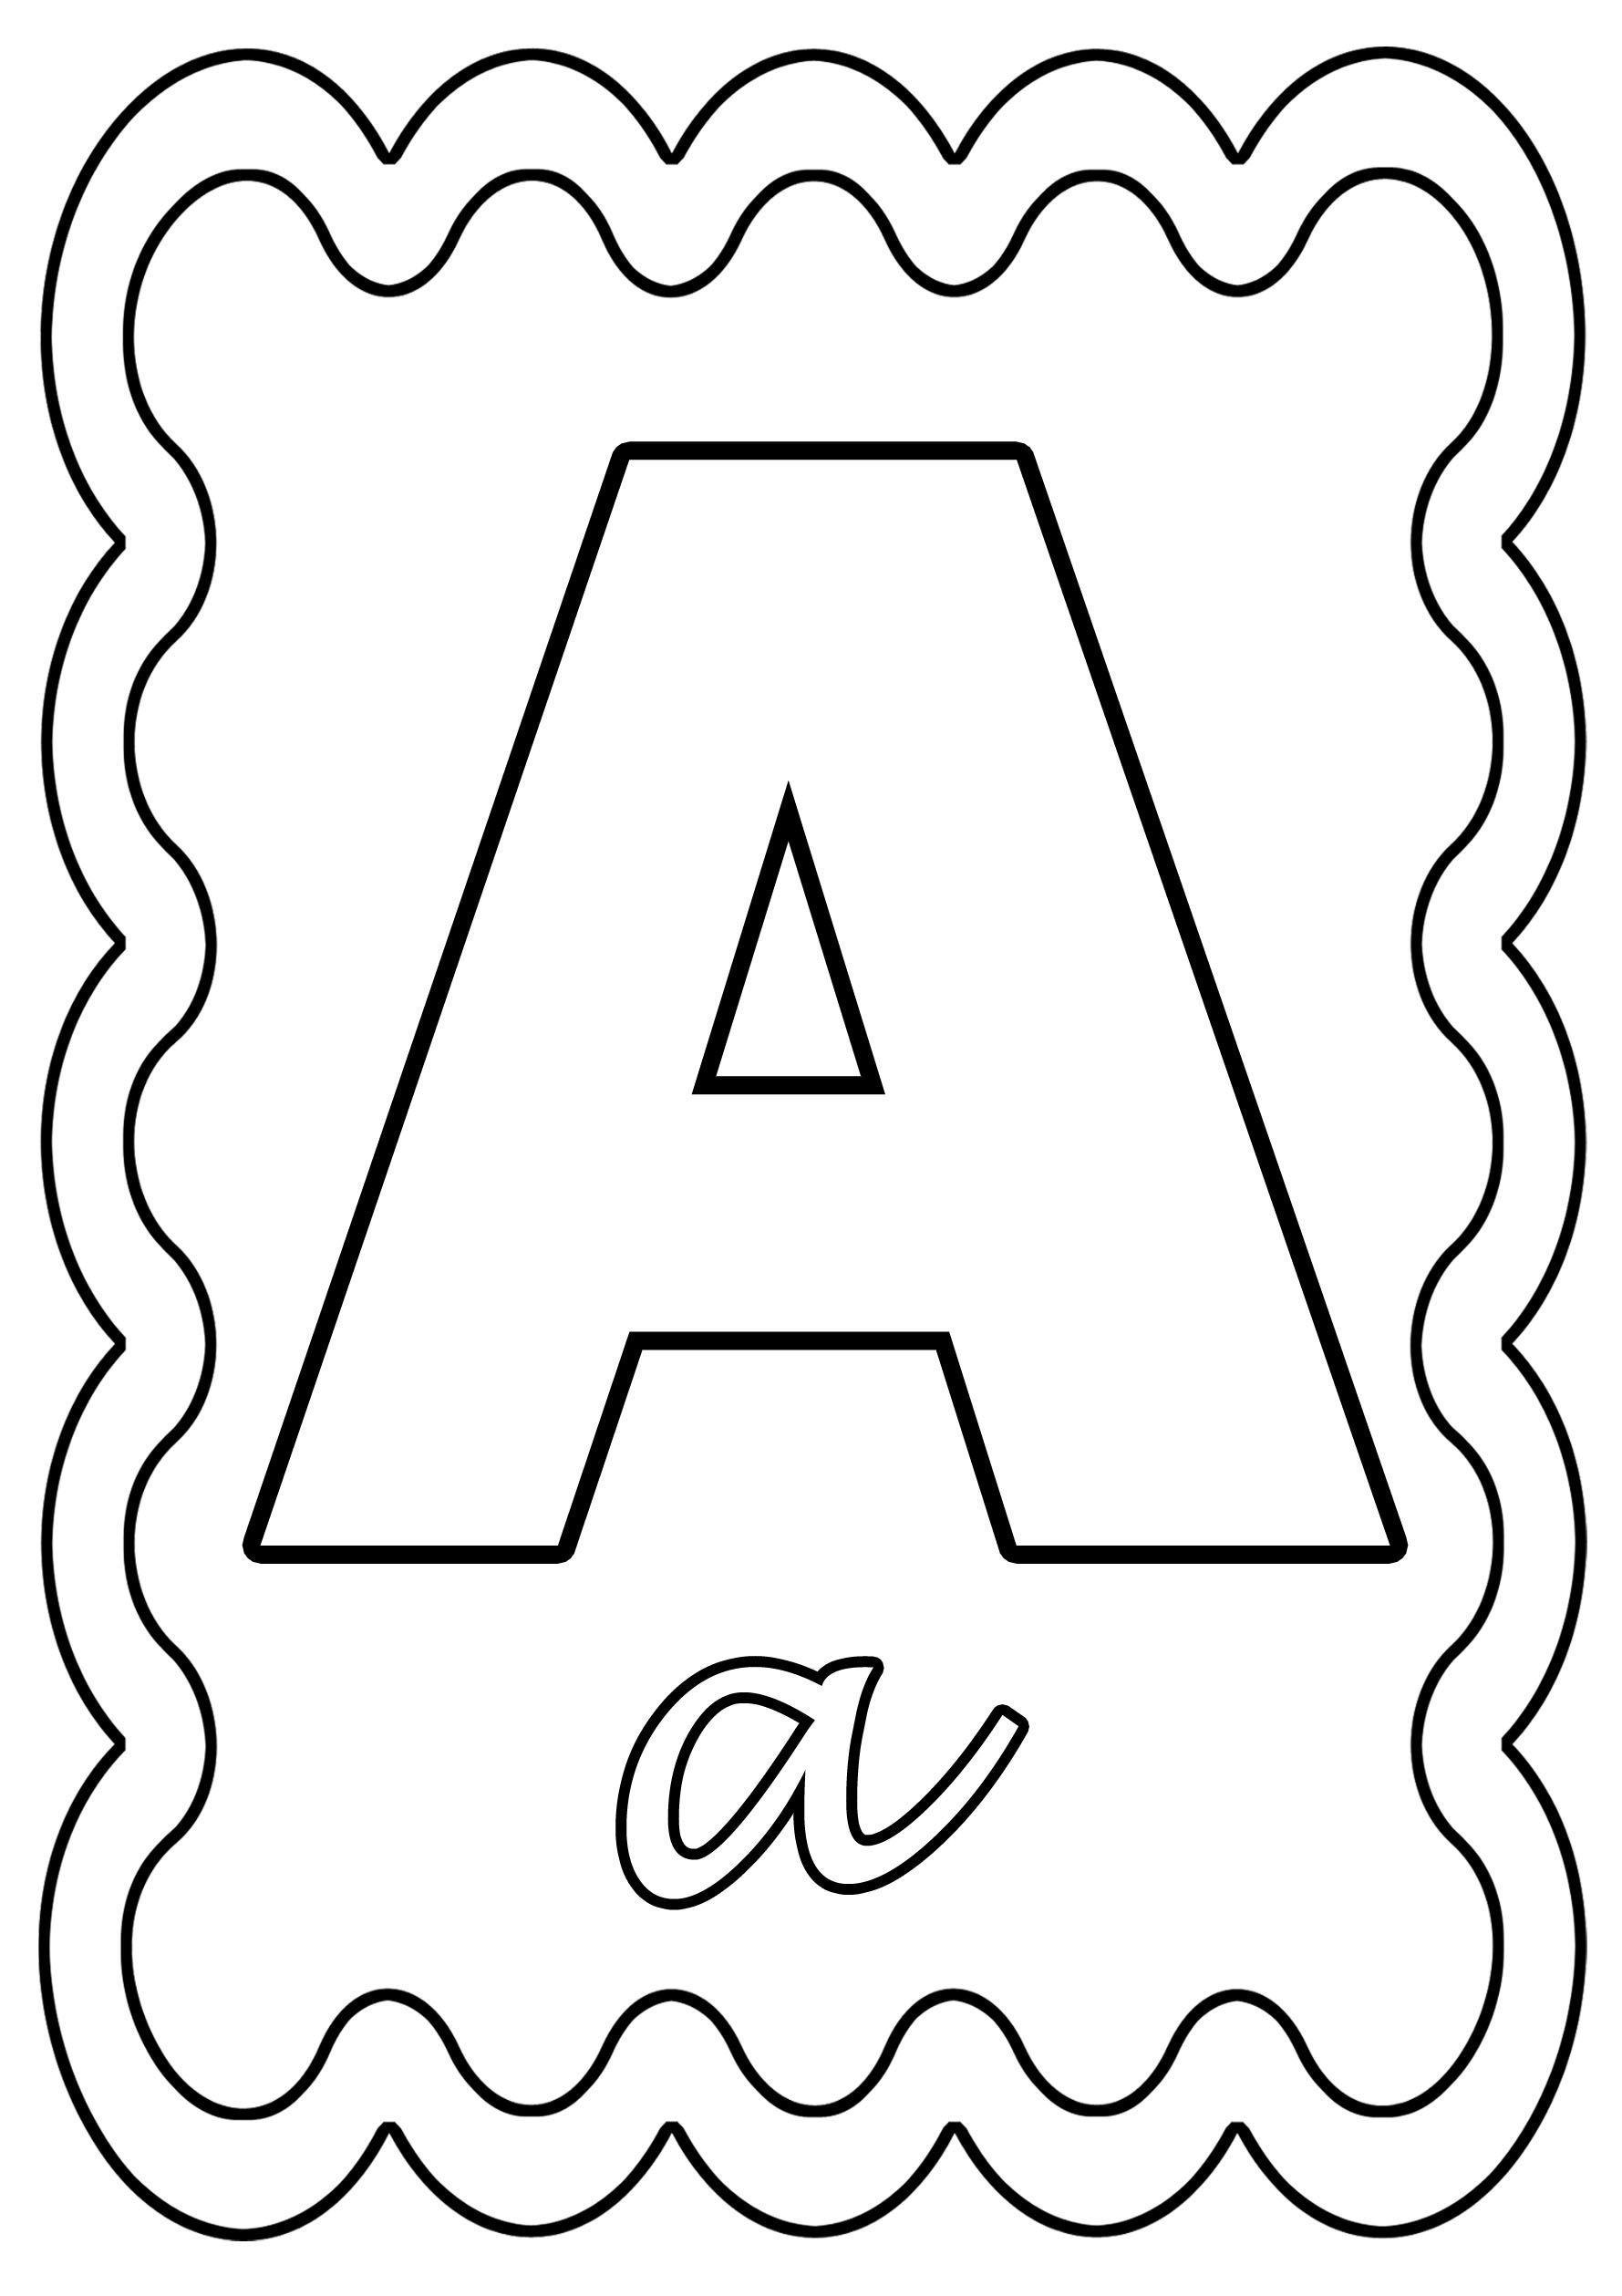 Coloriage alphabet lettre de a a z - Dessin lettre a ...